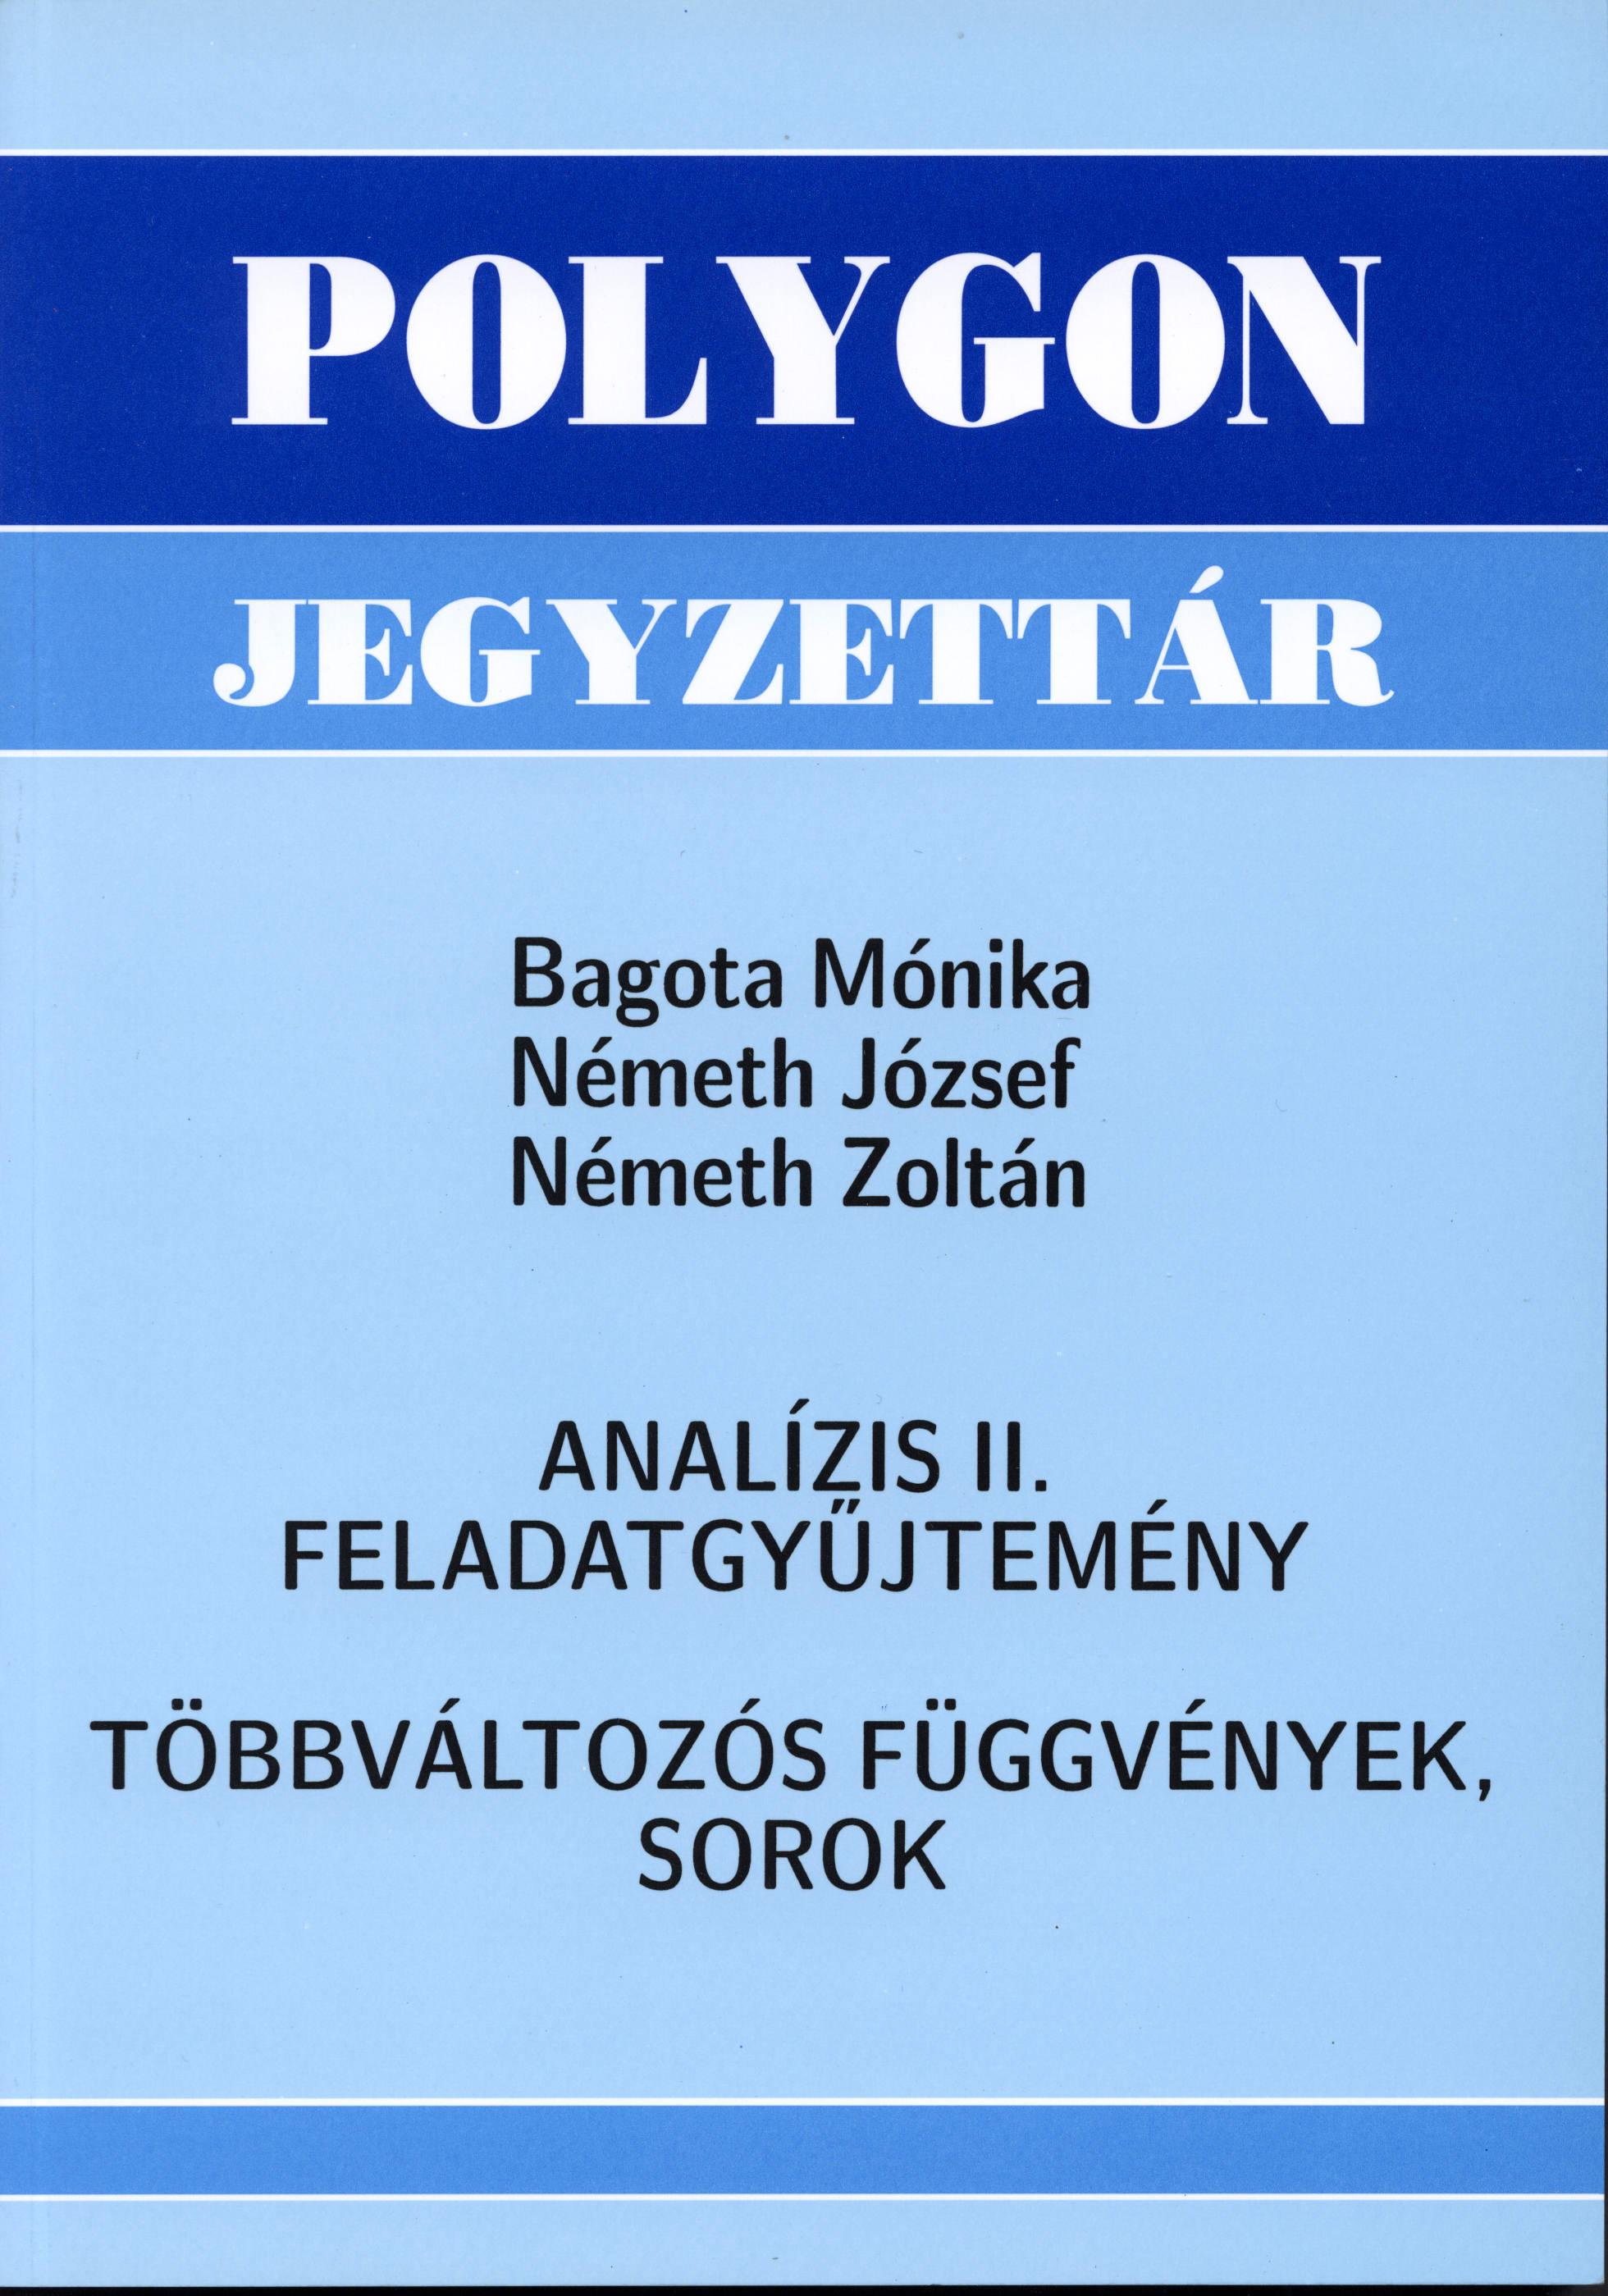 Analízis II. feladatgyűjtemény - Polygon jegyzet